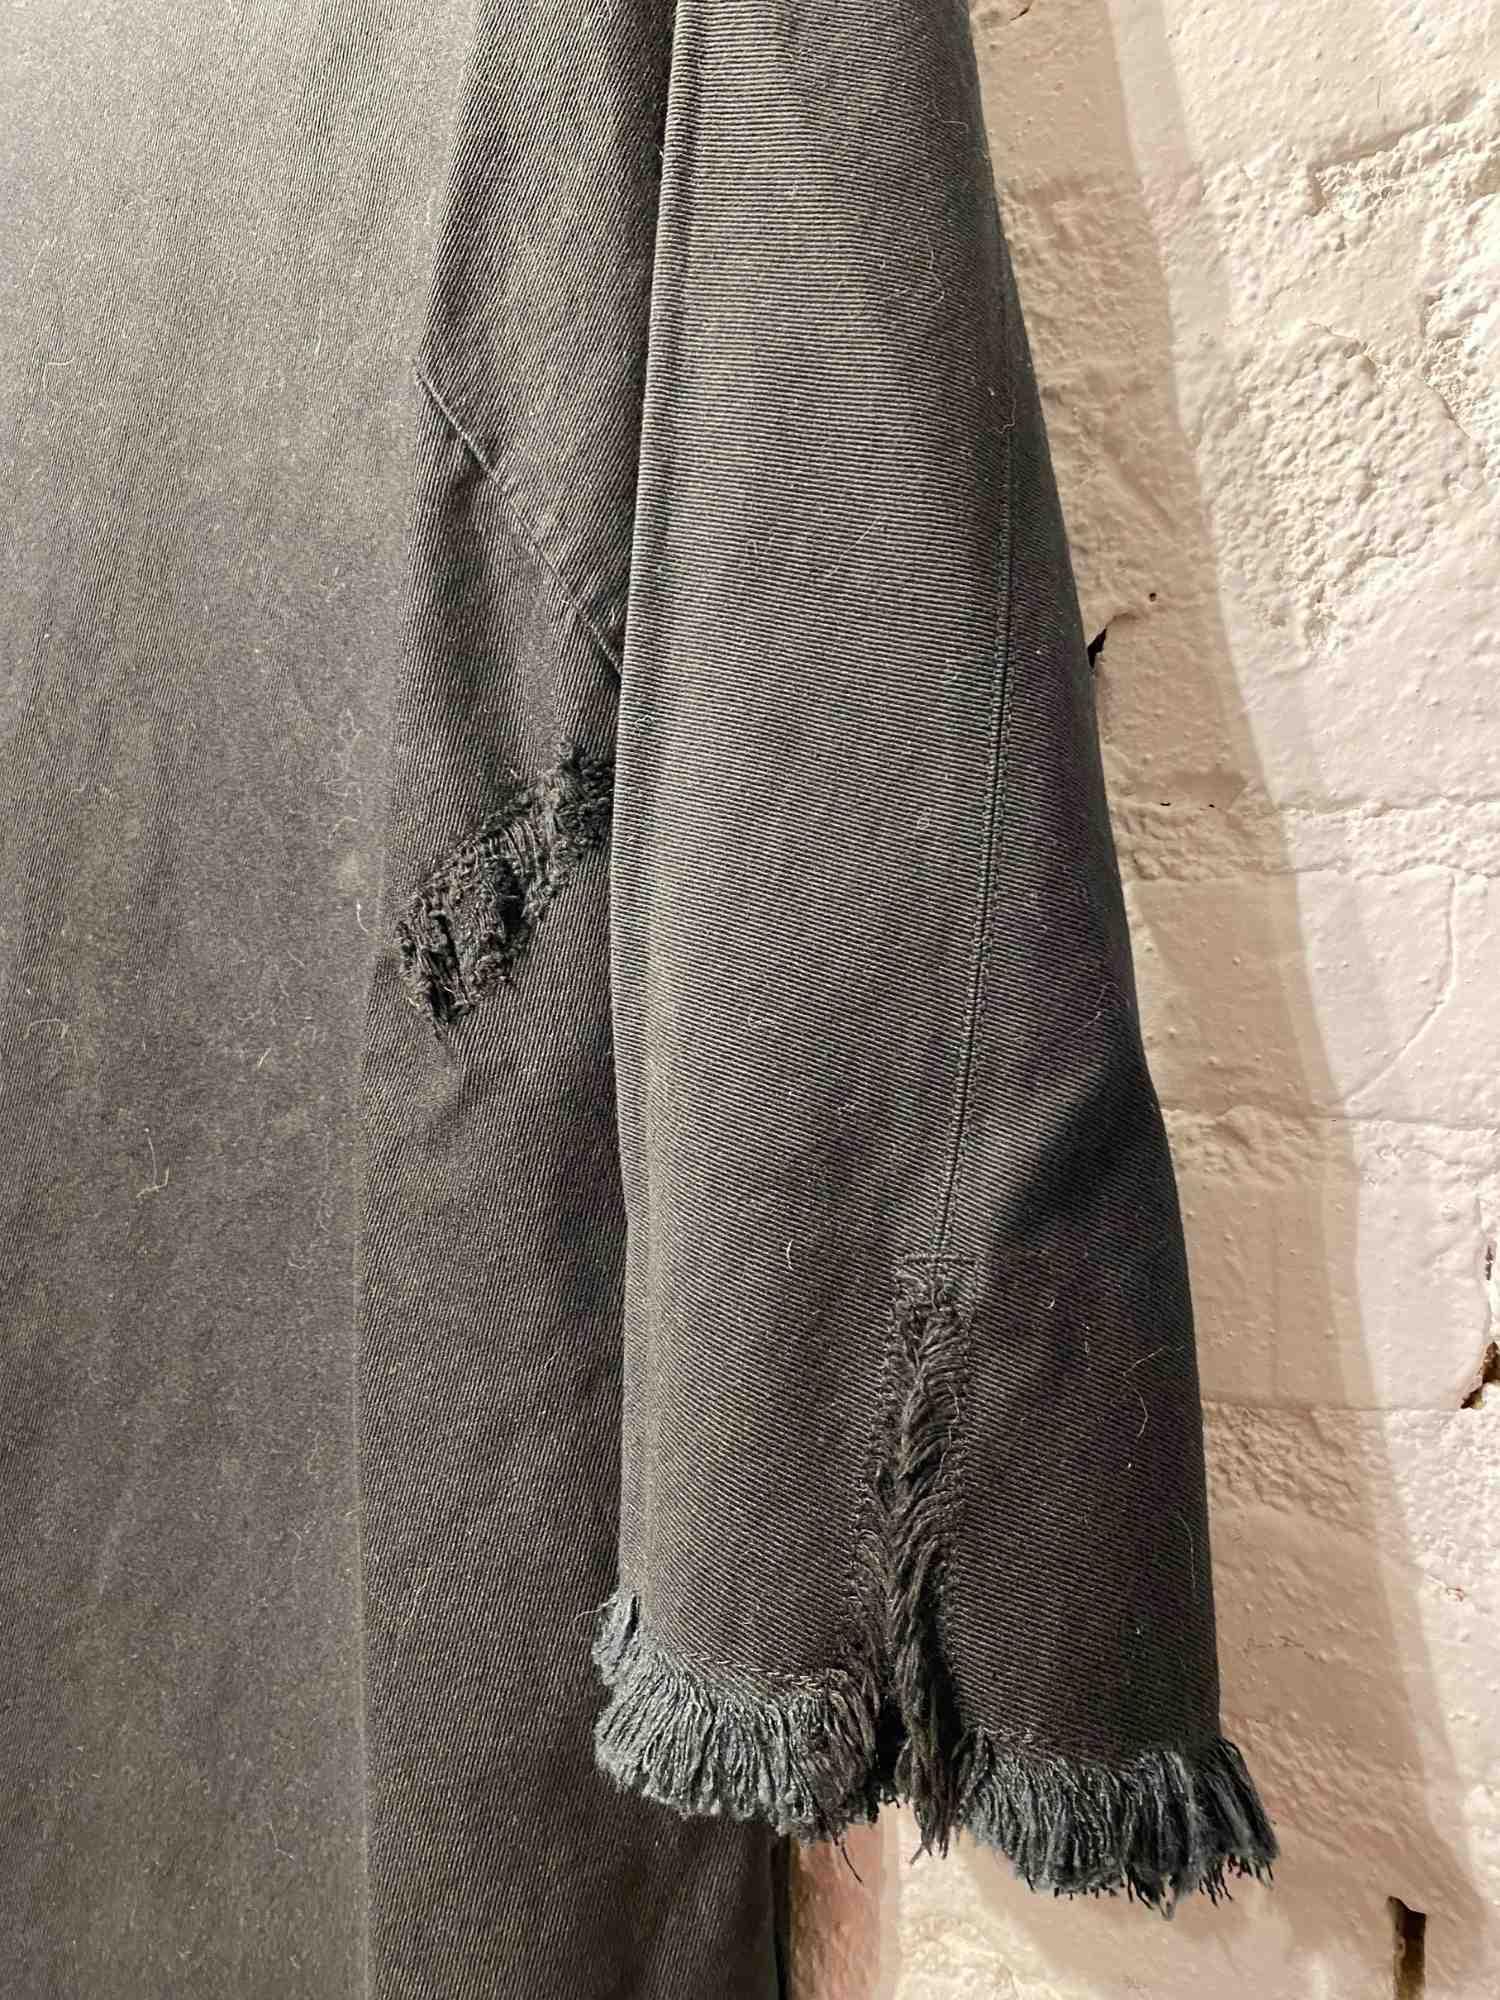 Vestido Osklen Brim Preto